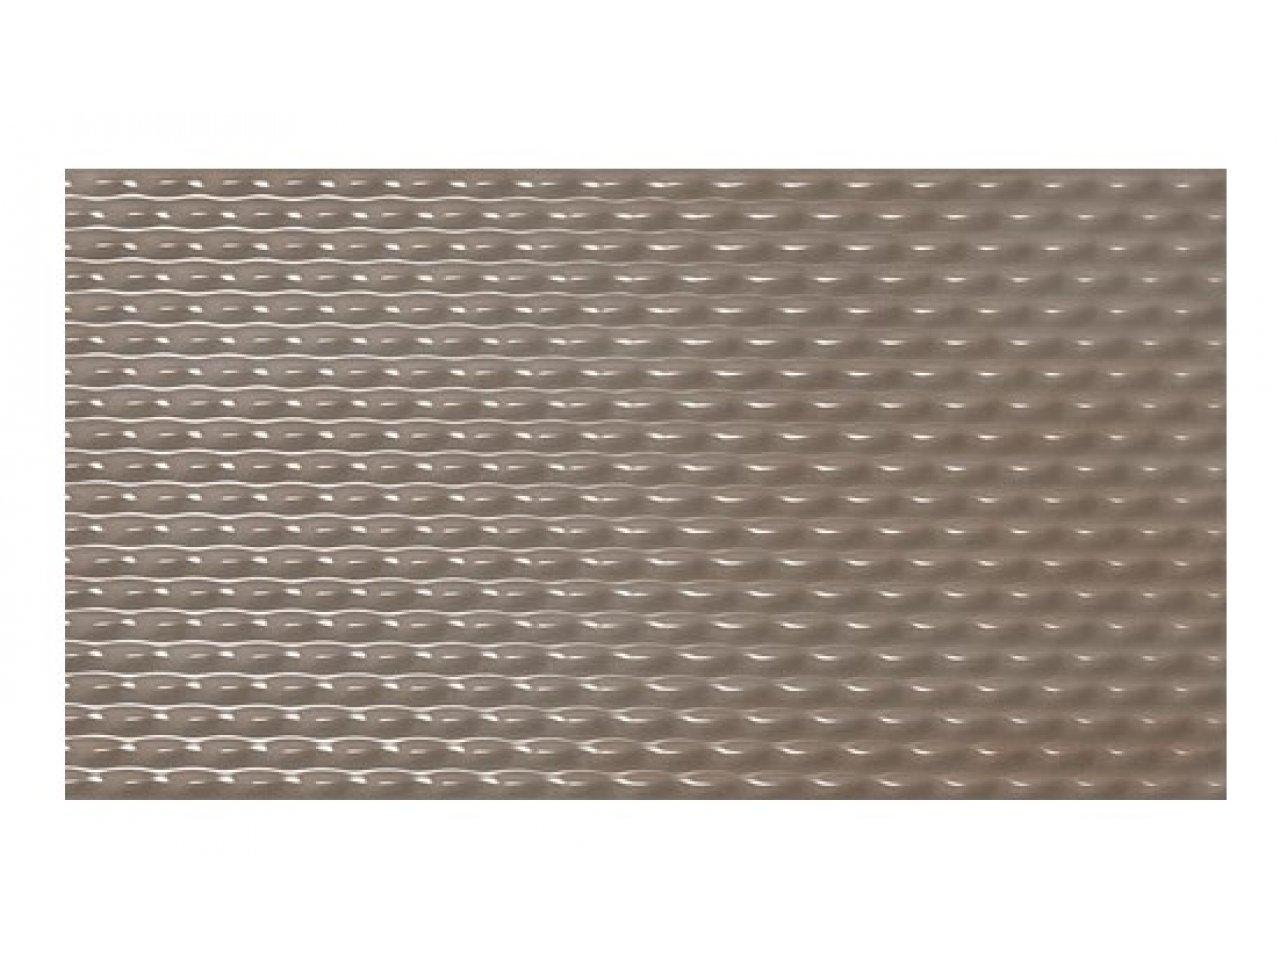 Настенная плитка FAP Frame Knot Earth 30.5 x 56 см, Арт. fLEN